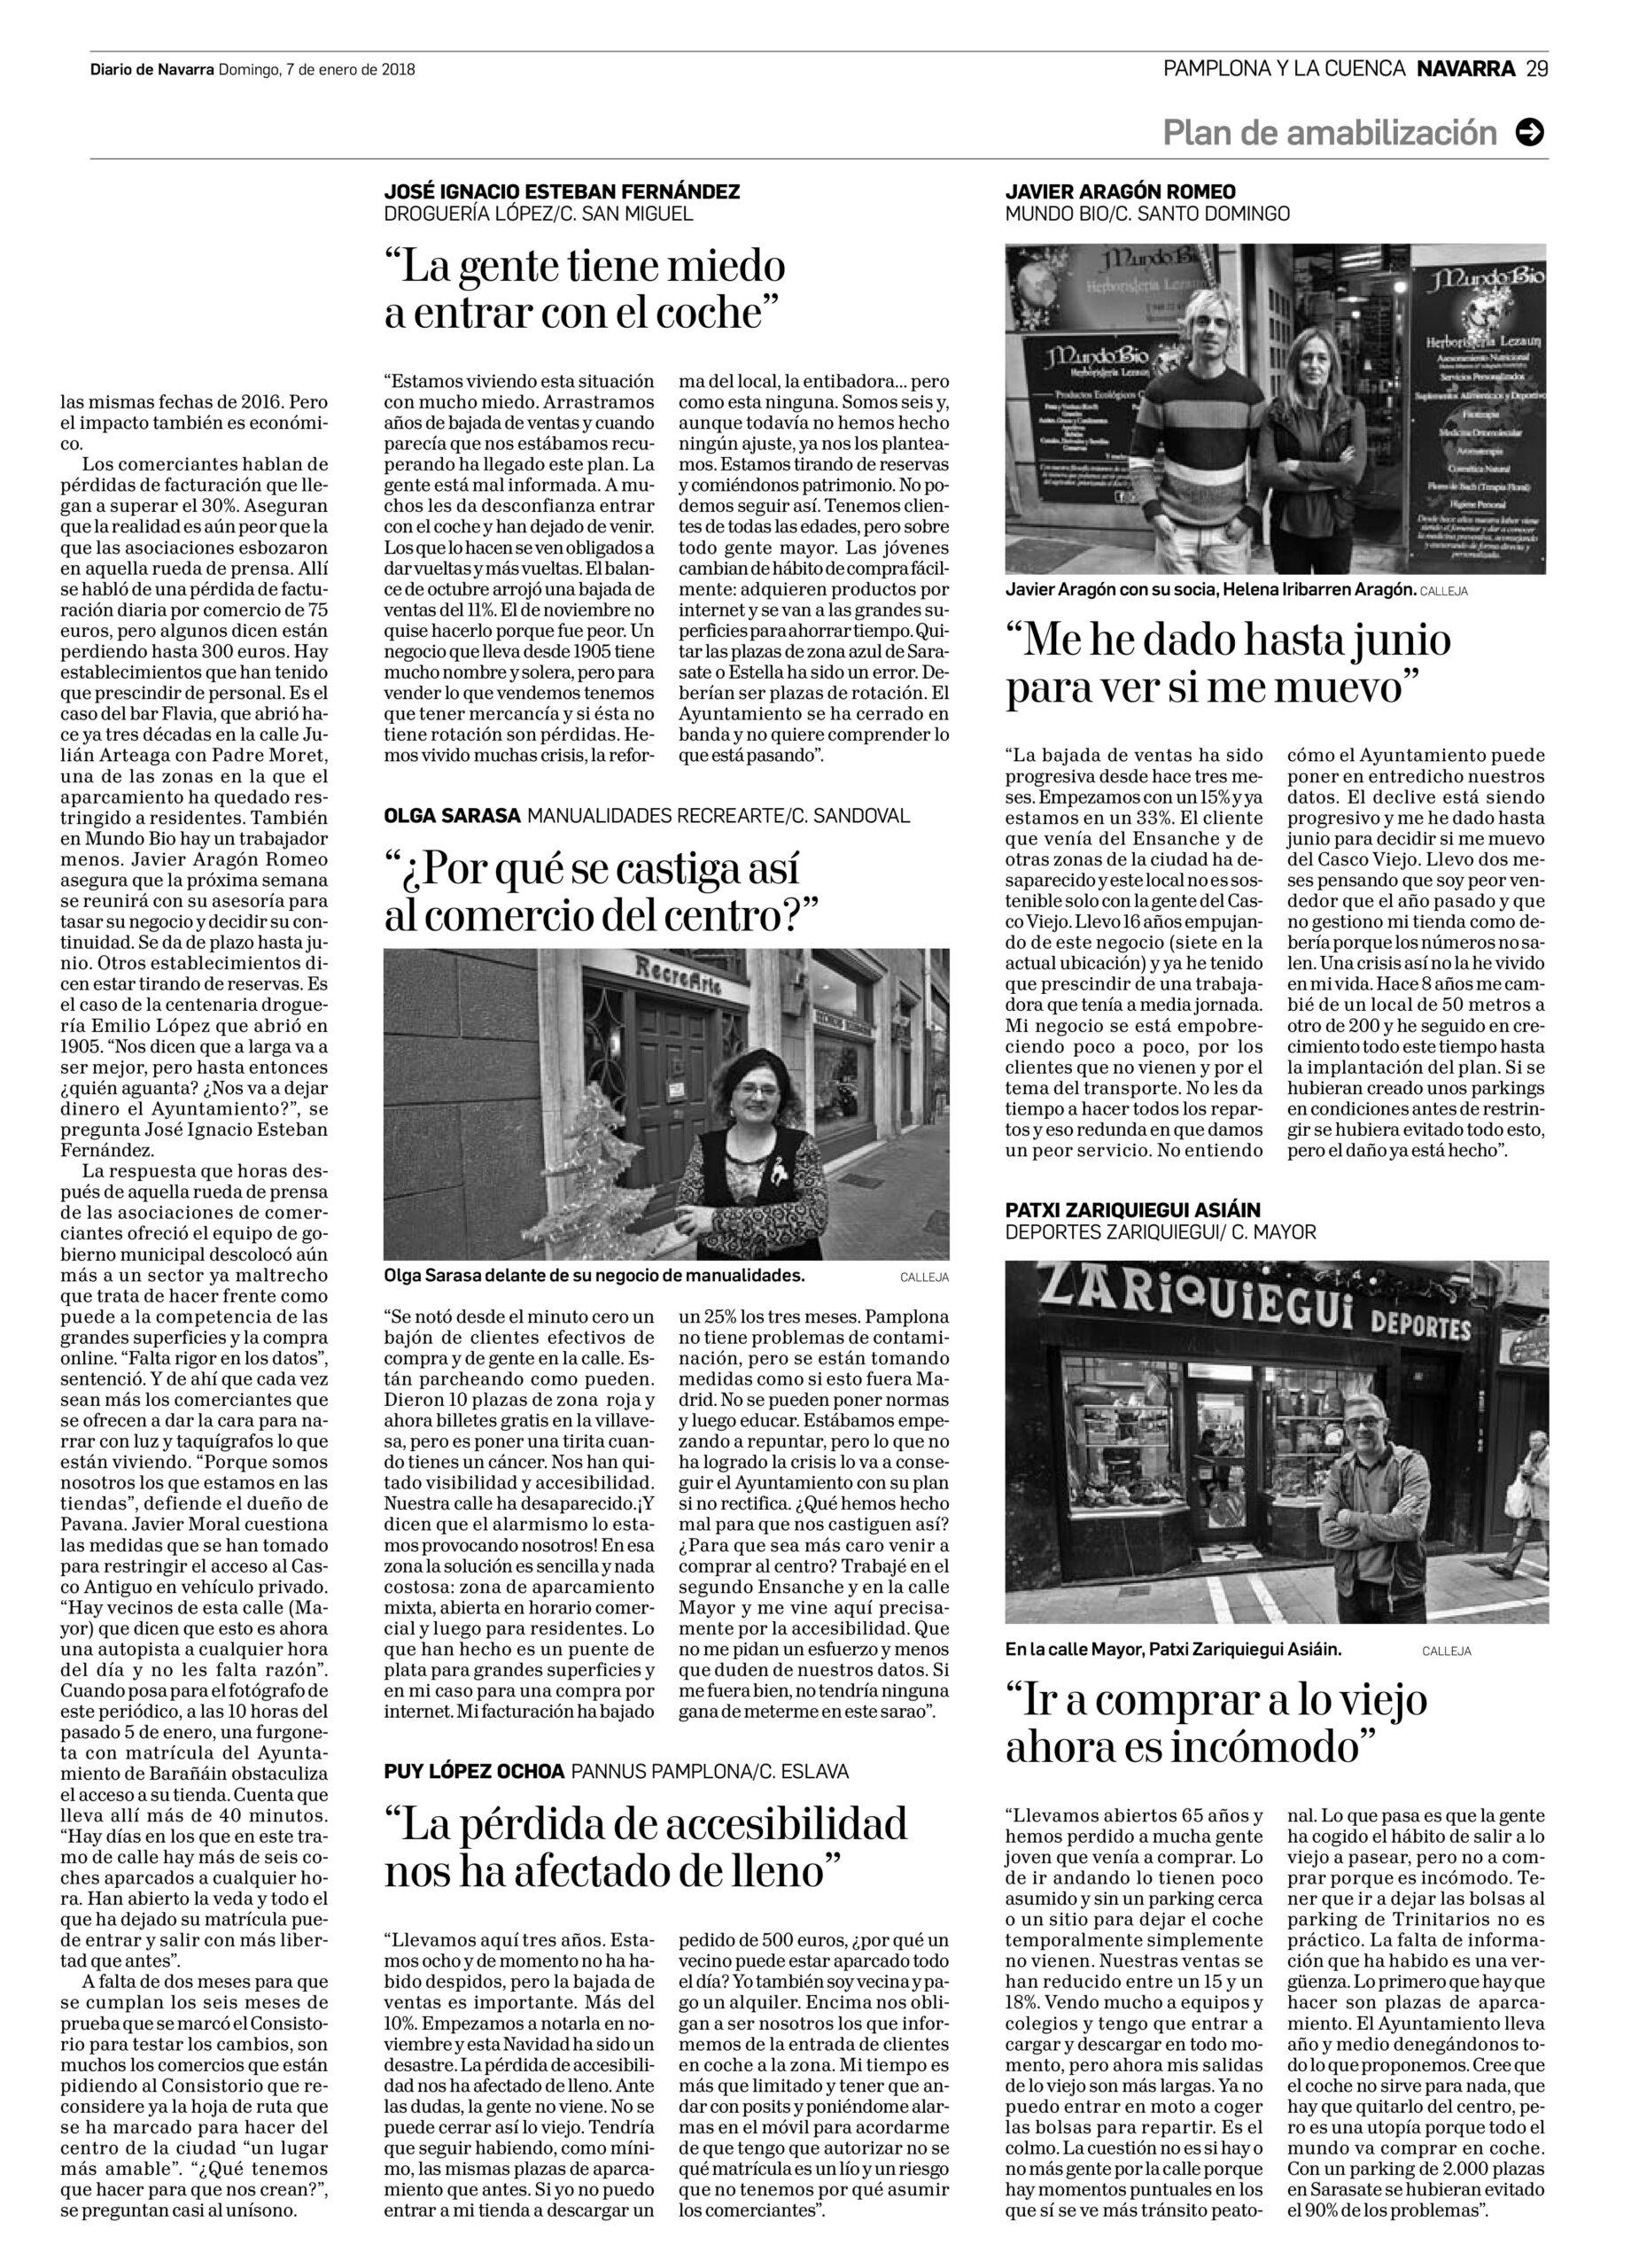 20180107 - QUÉ TENEMOS QUE HACER PARA QUE NOS CREAN 2.pdf